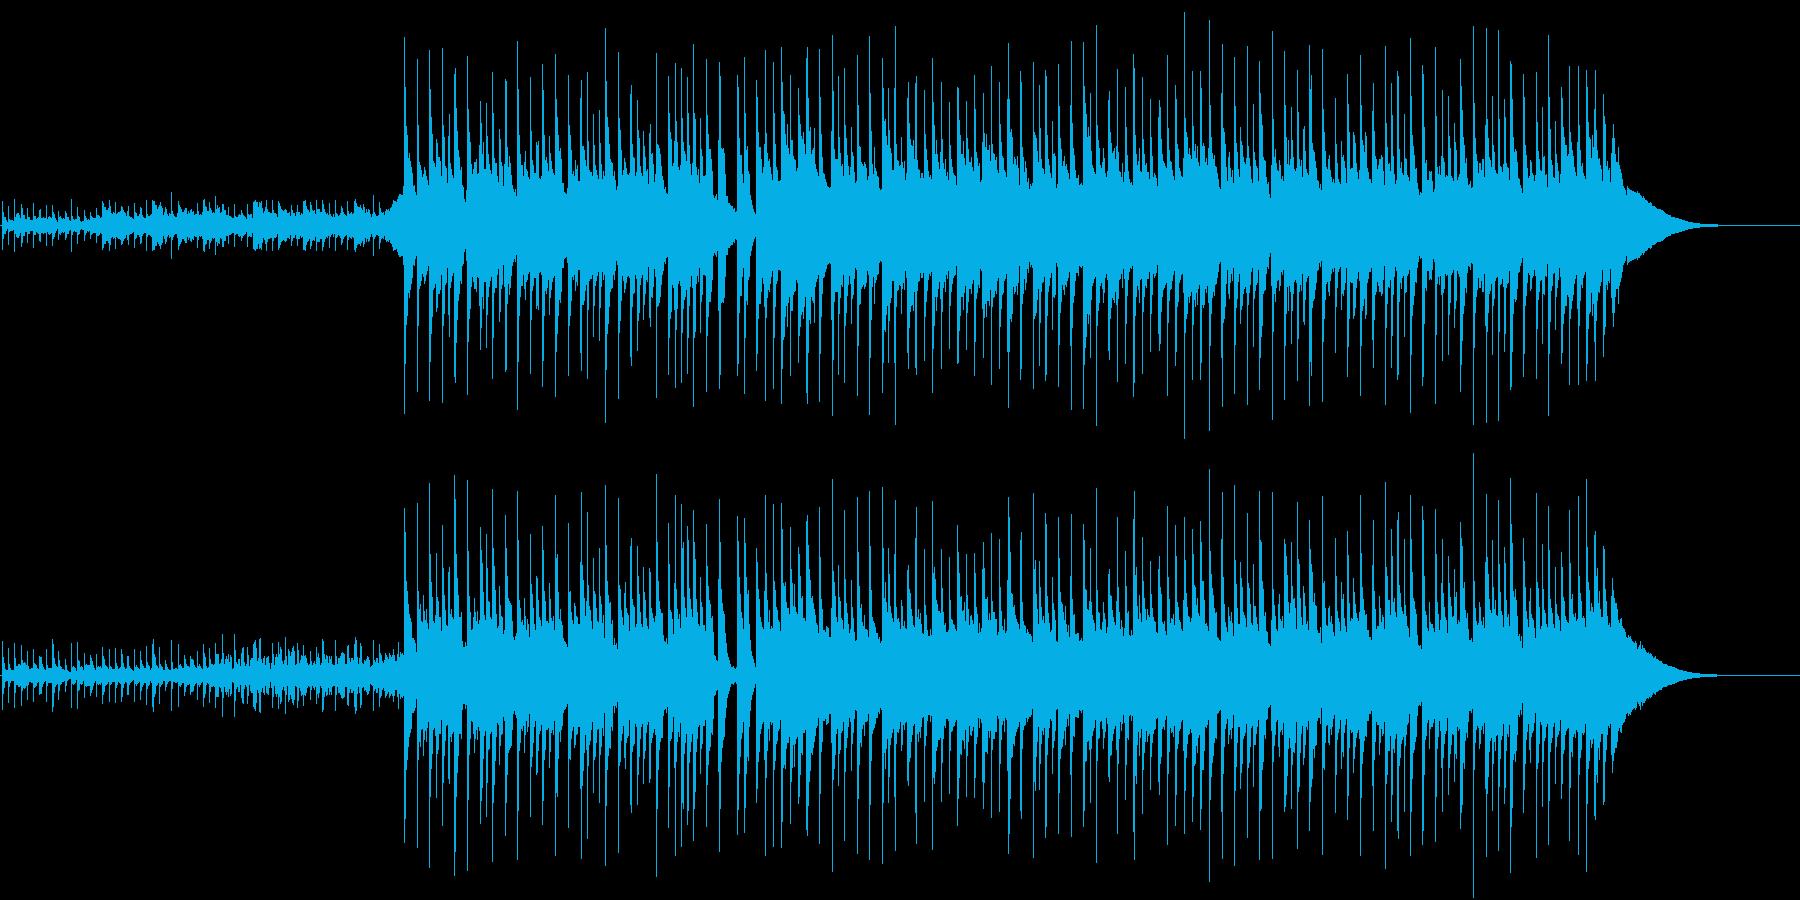 不思議なリズムの明るいポップスの再生済みの波形